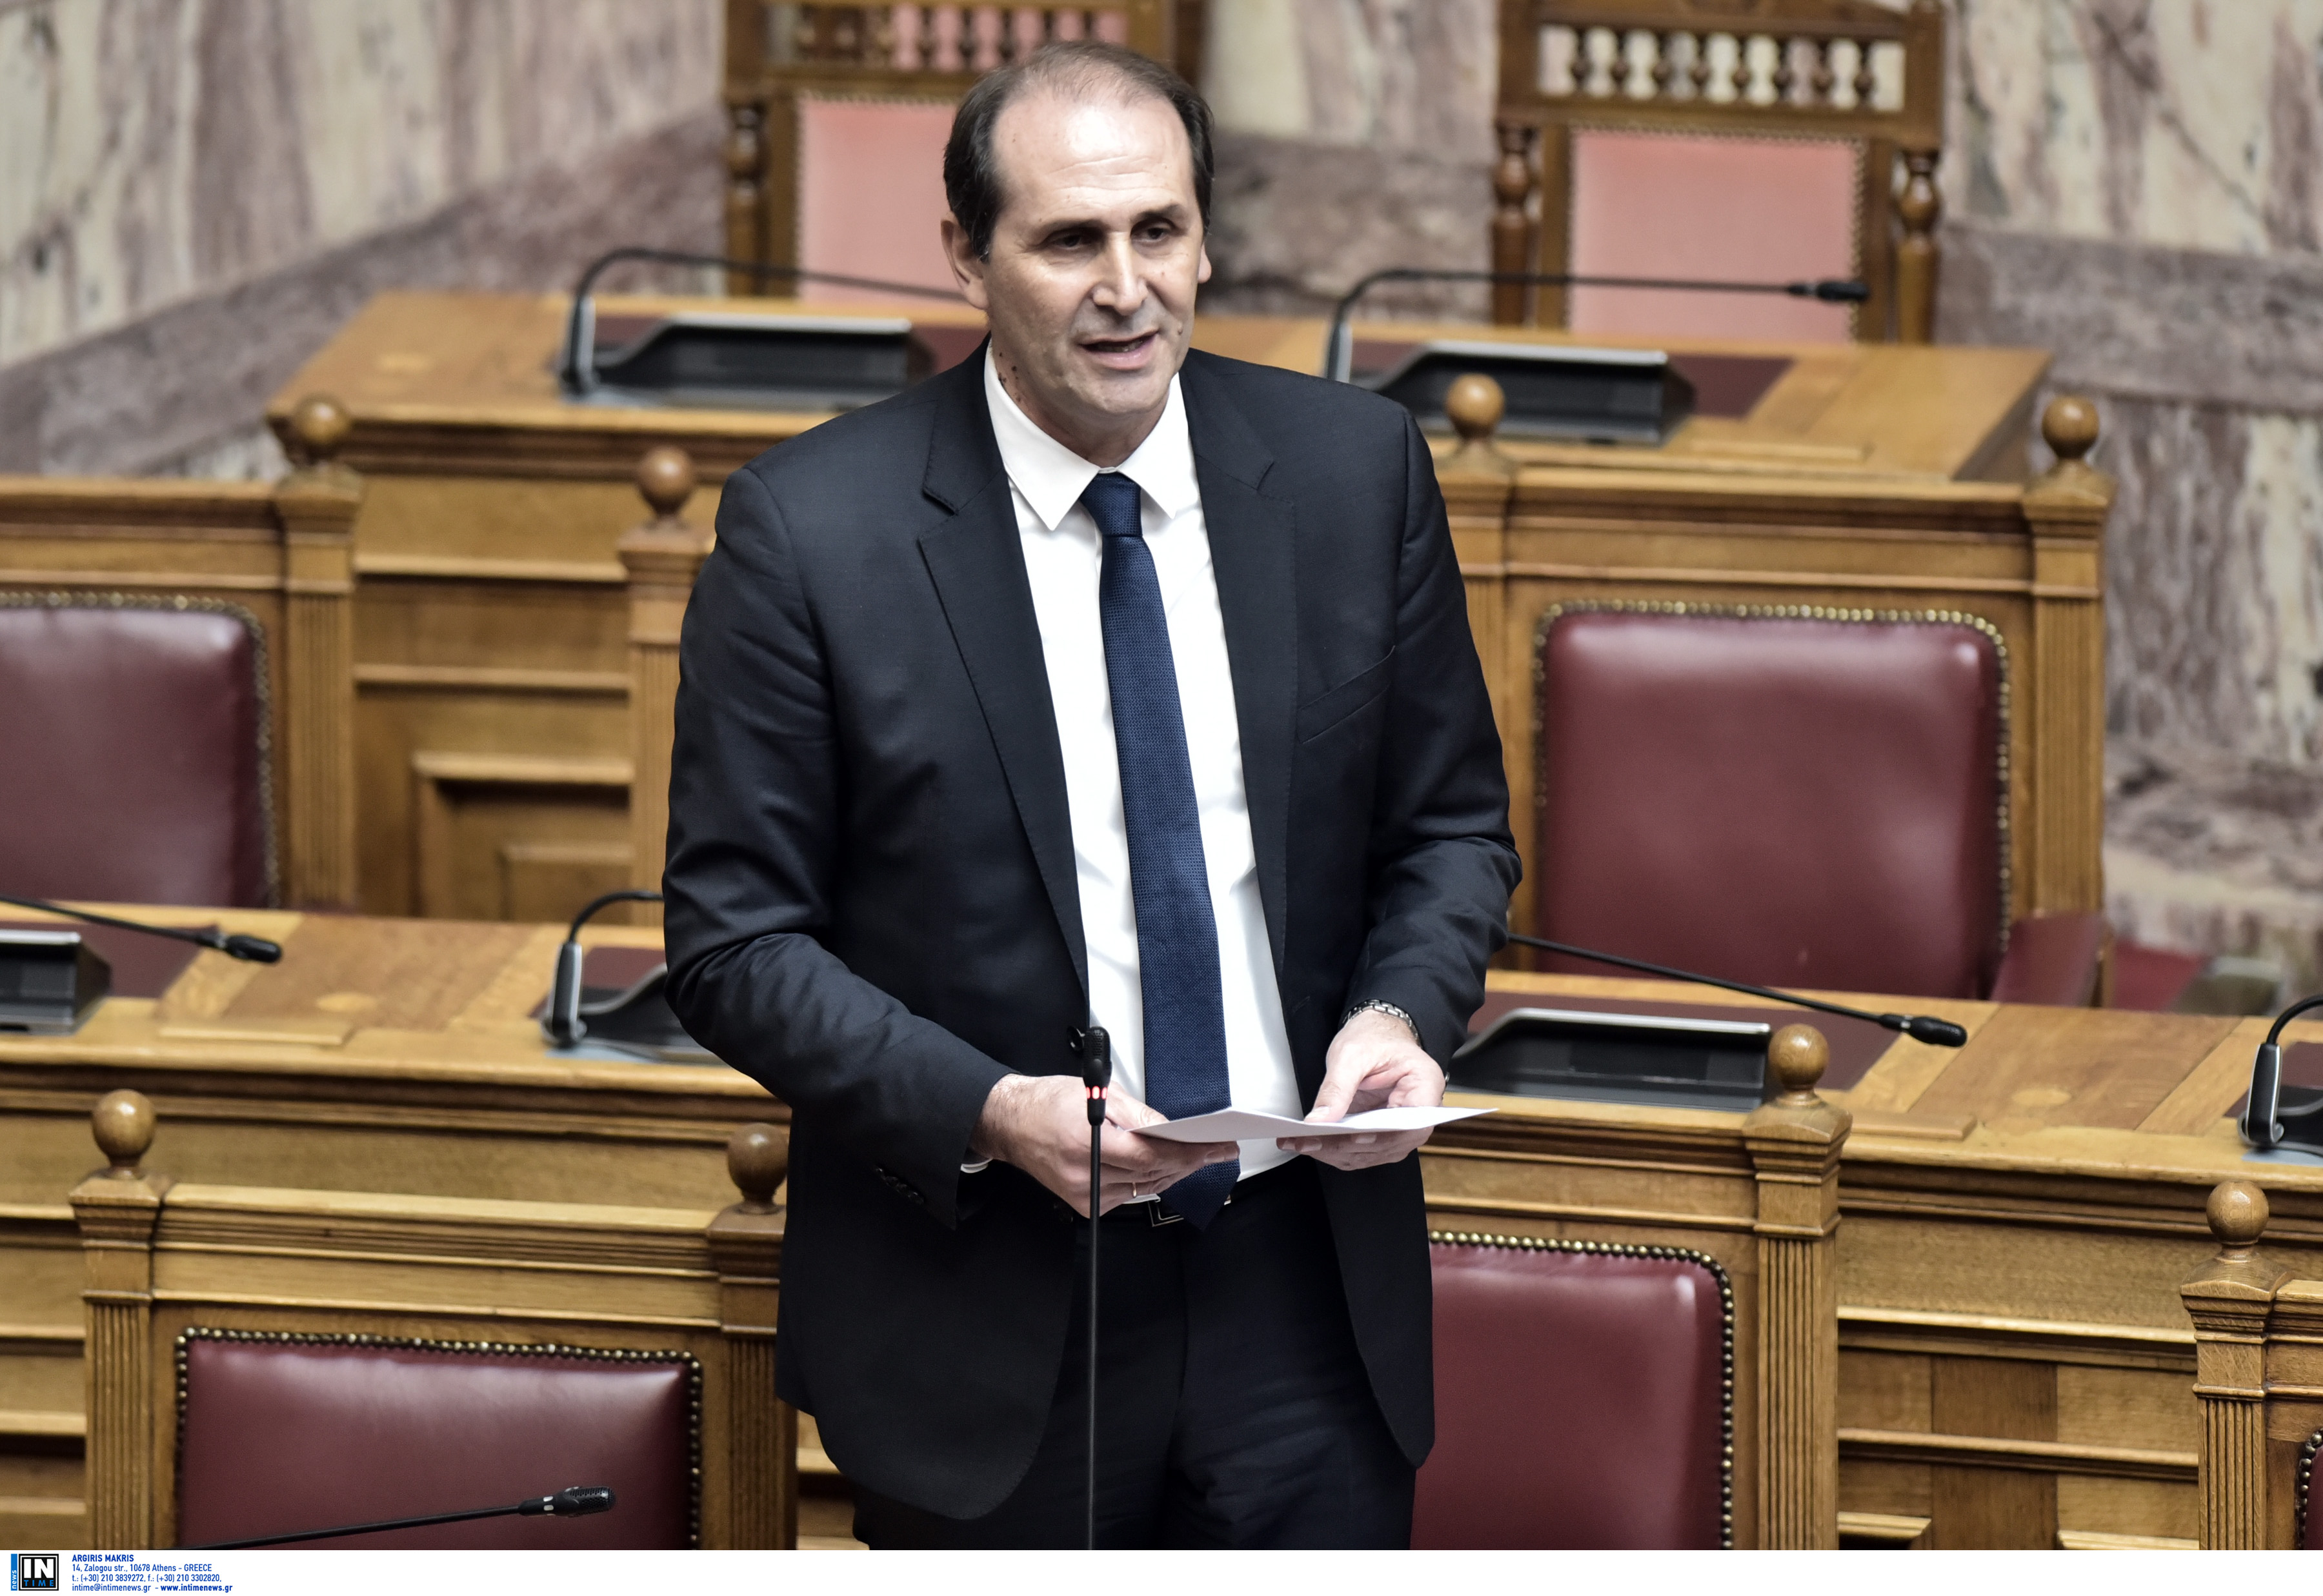 Βεσυρόπουλος: Τέλος Φεβρουαρίου το κοινωνικό μέρισμα σε 17.000 νοικοκυριά